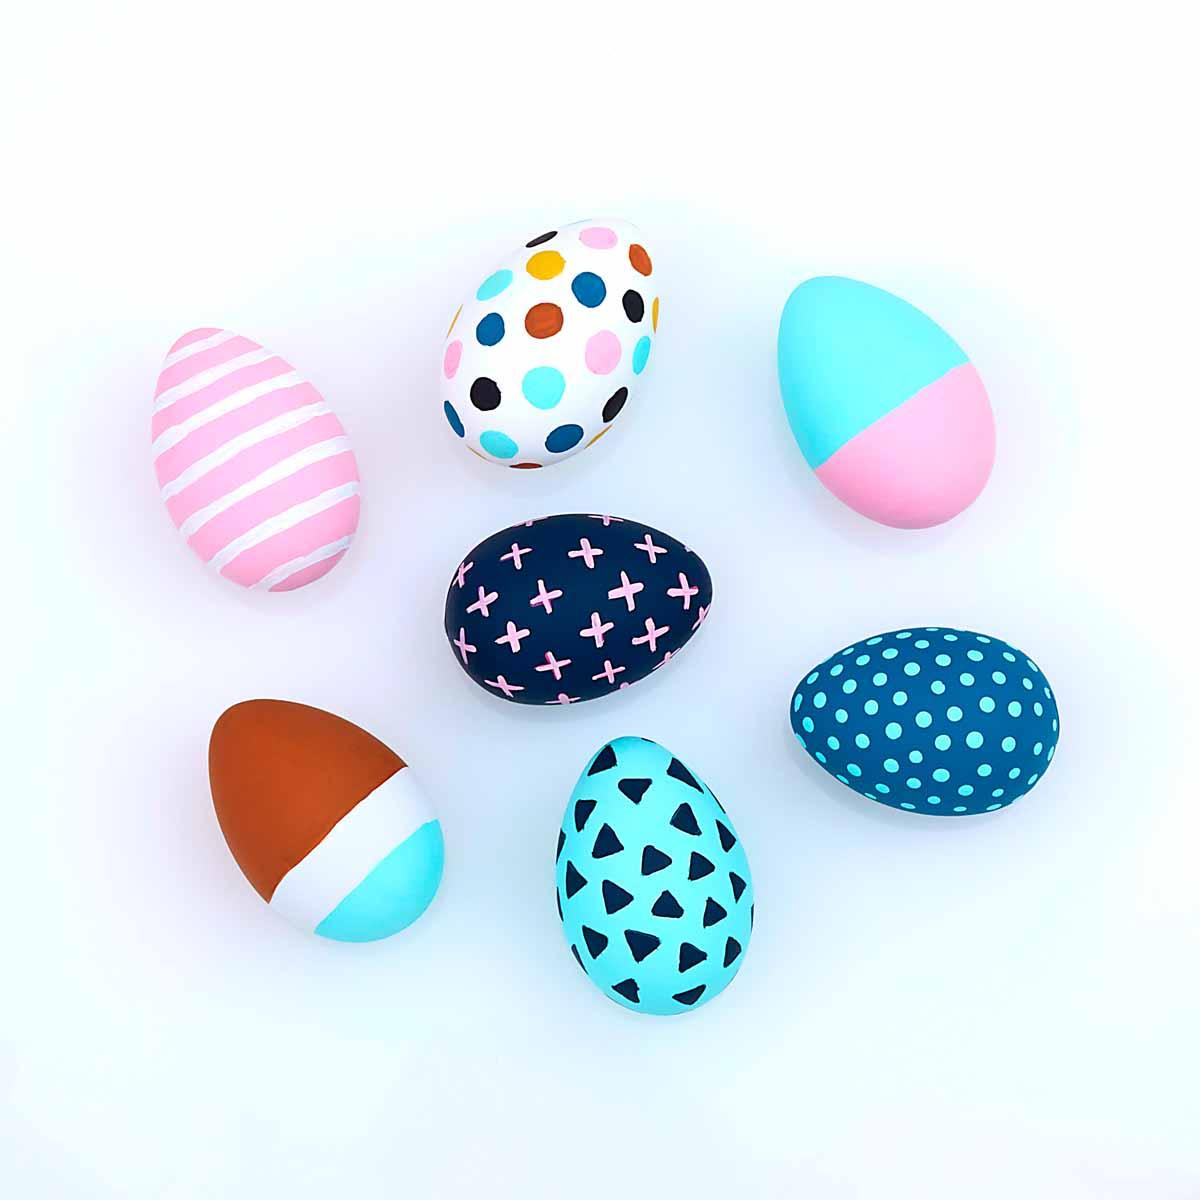 Memphis Inspired Easter Eggs